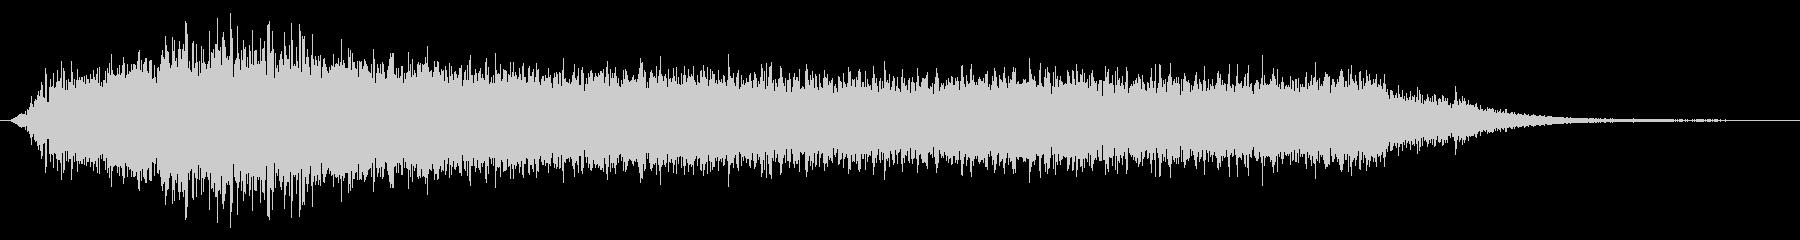 上昇 低音ピンポンライズ01の未再生の波形